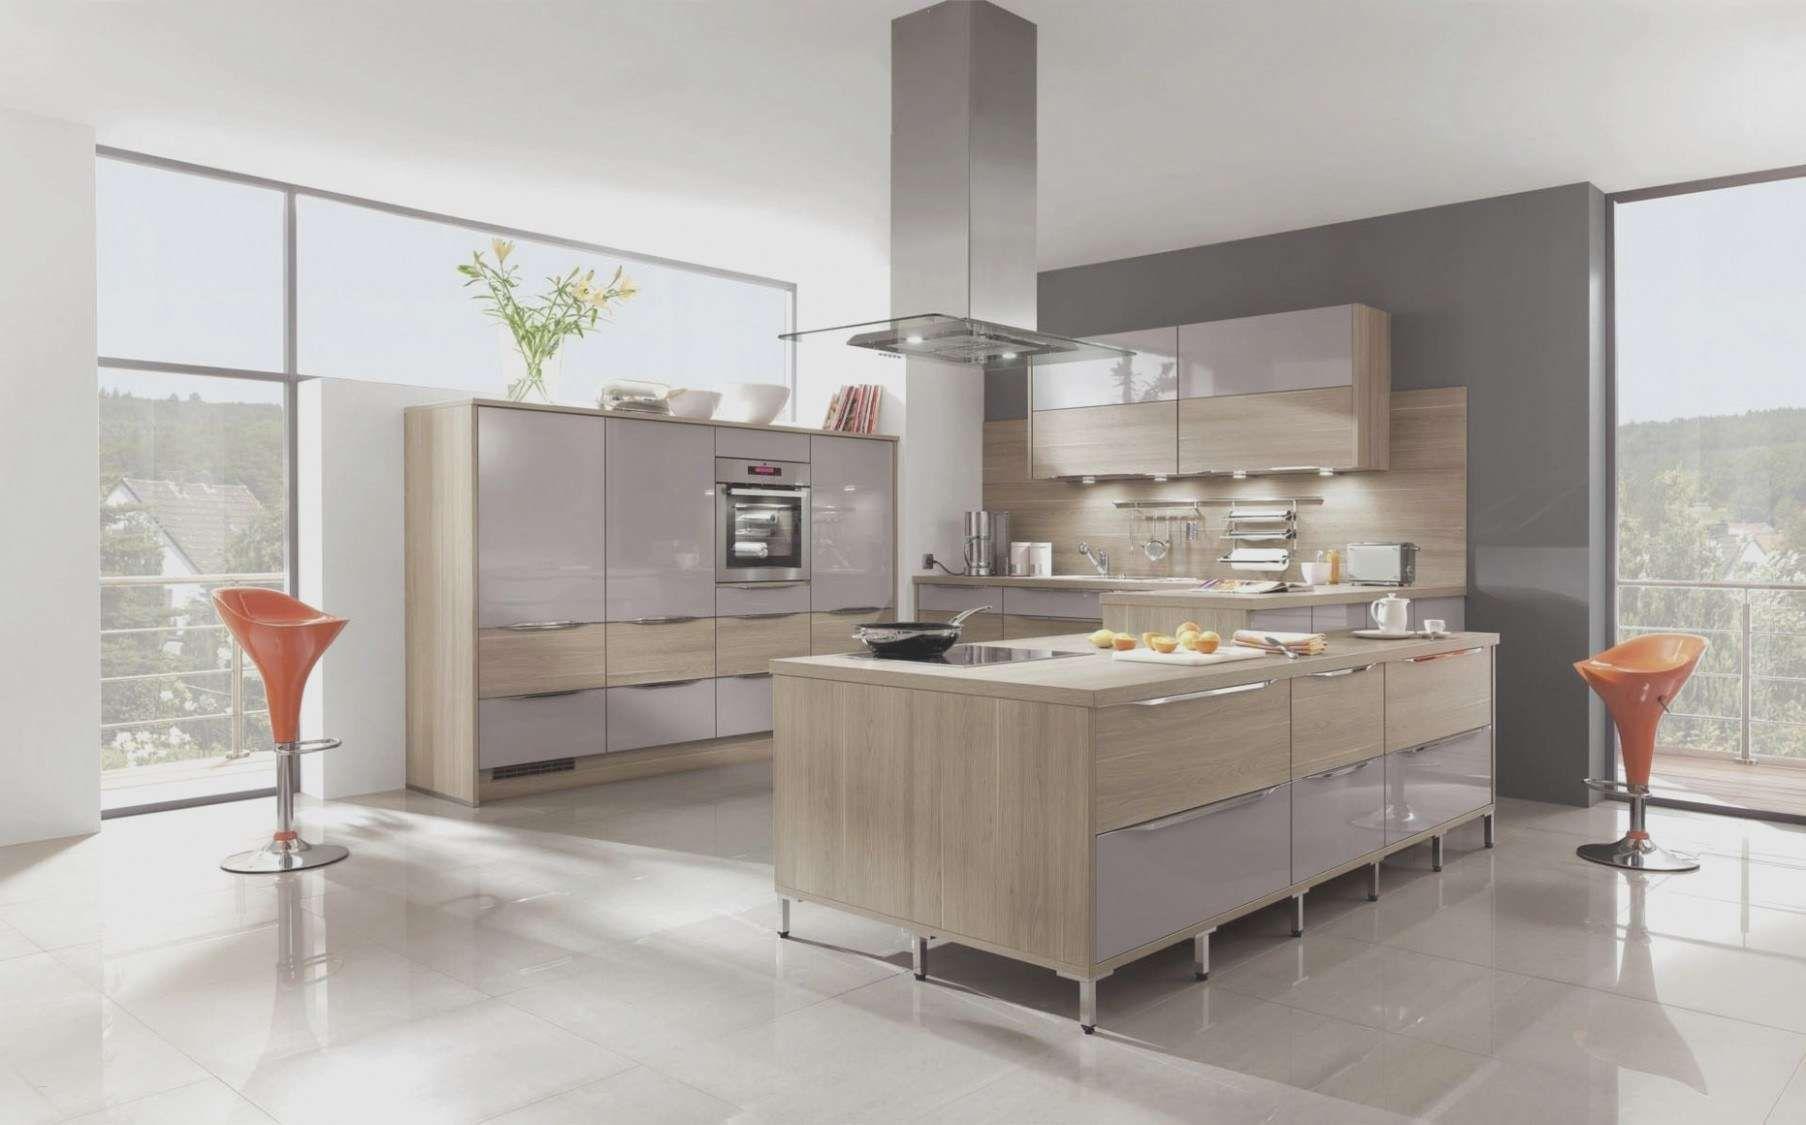 Kuchenzeile Mit Apothekerschrank Nolte Kuchen Fronten Ersatzteile In 2020 Home Decor Kitchen Decor